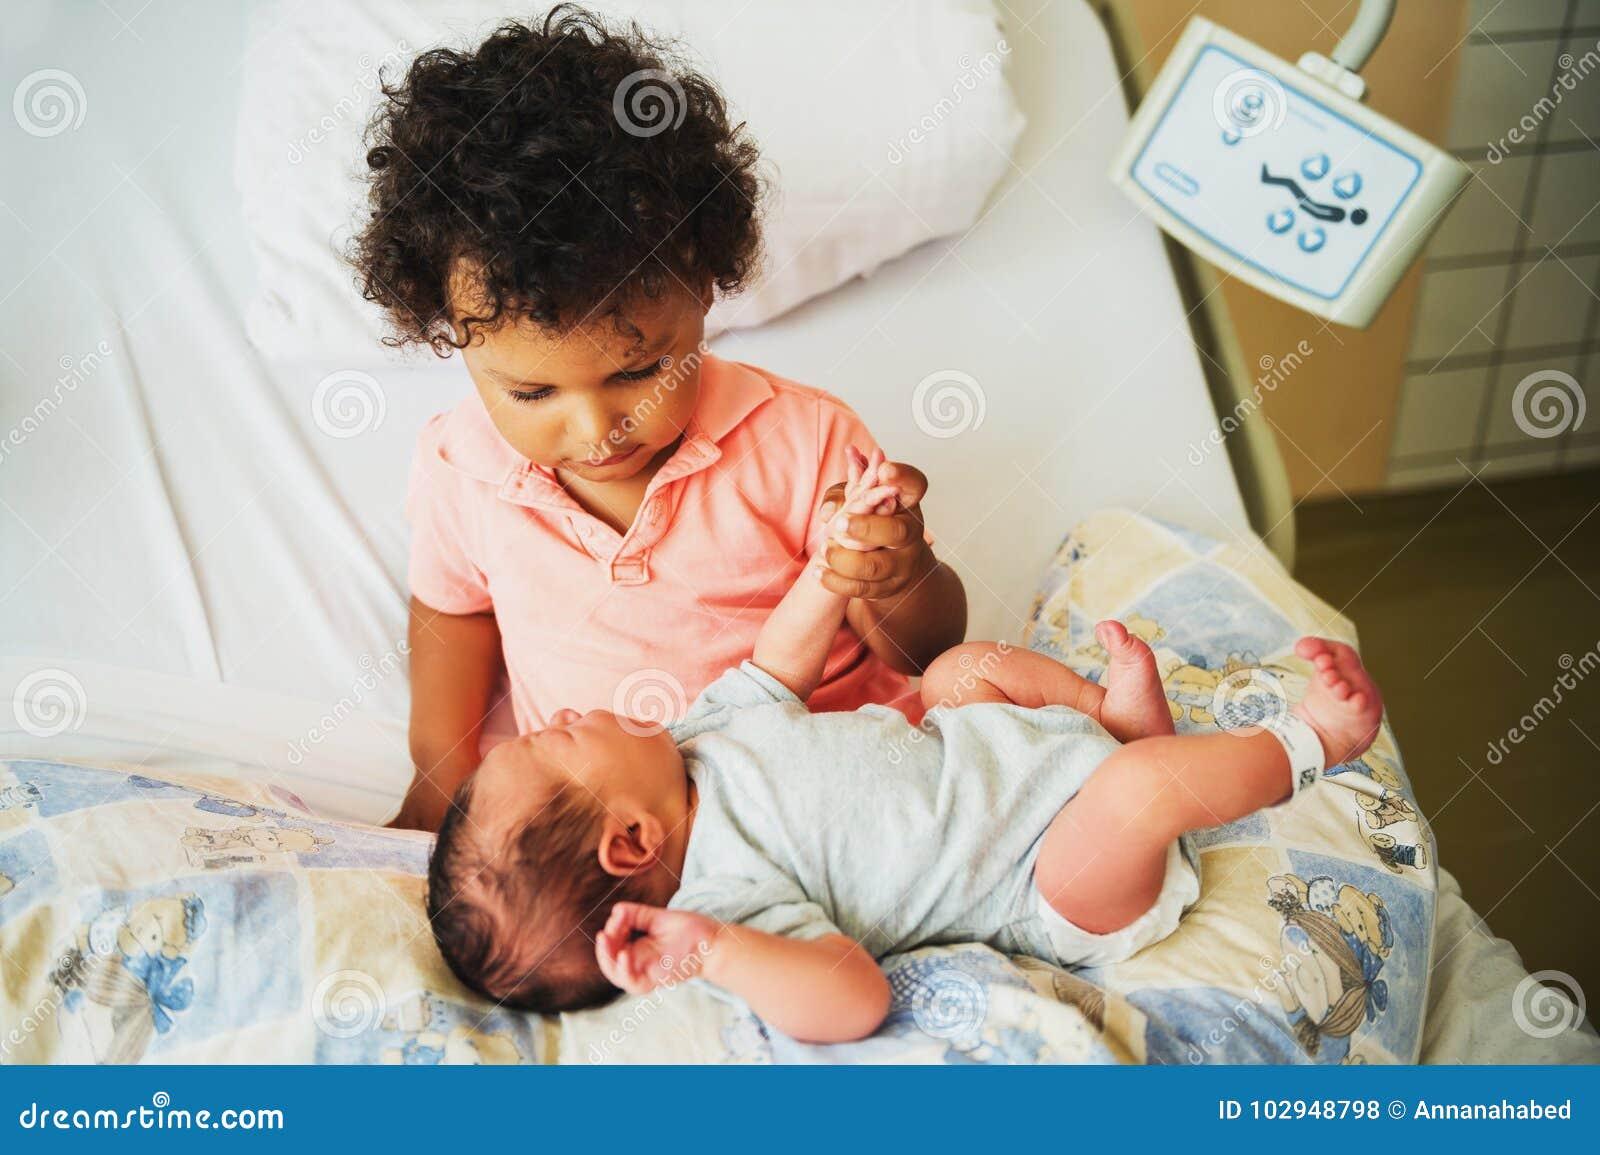 Primeira reunião do menino africano adorável da criança e de seu irmão recém-nascido